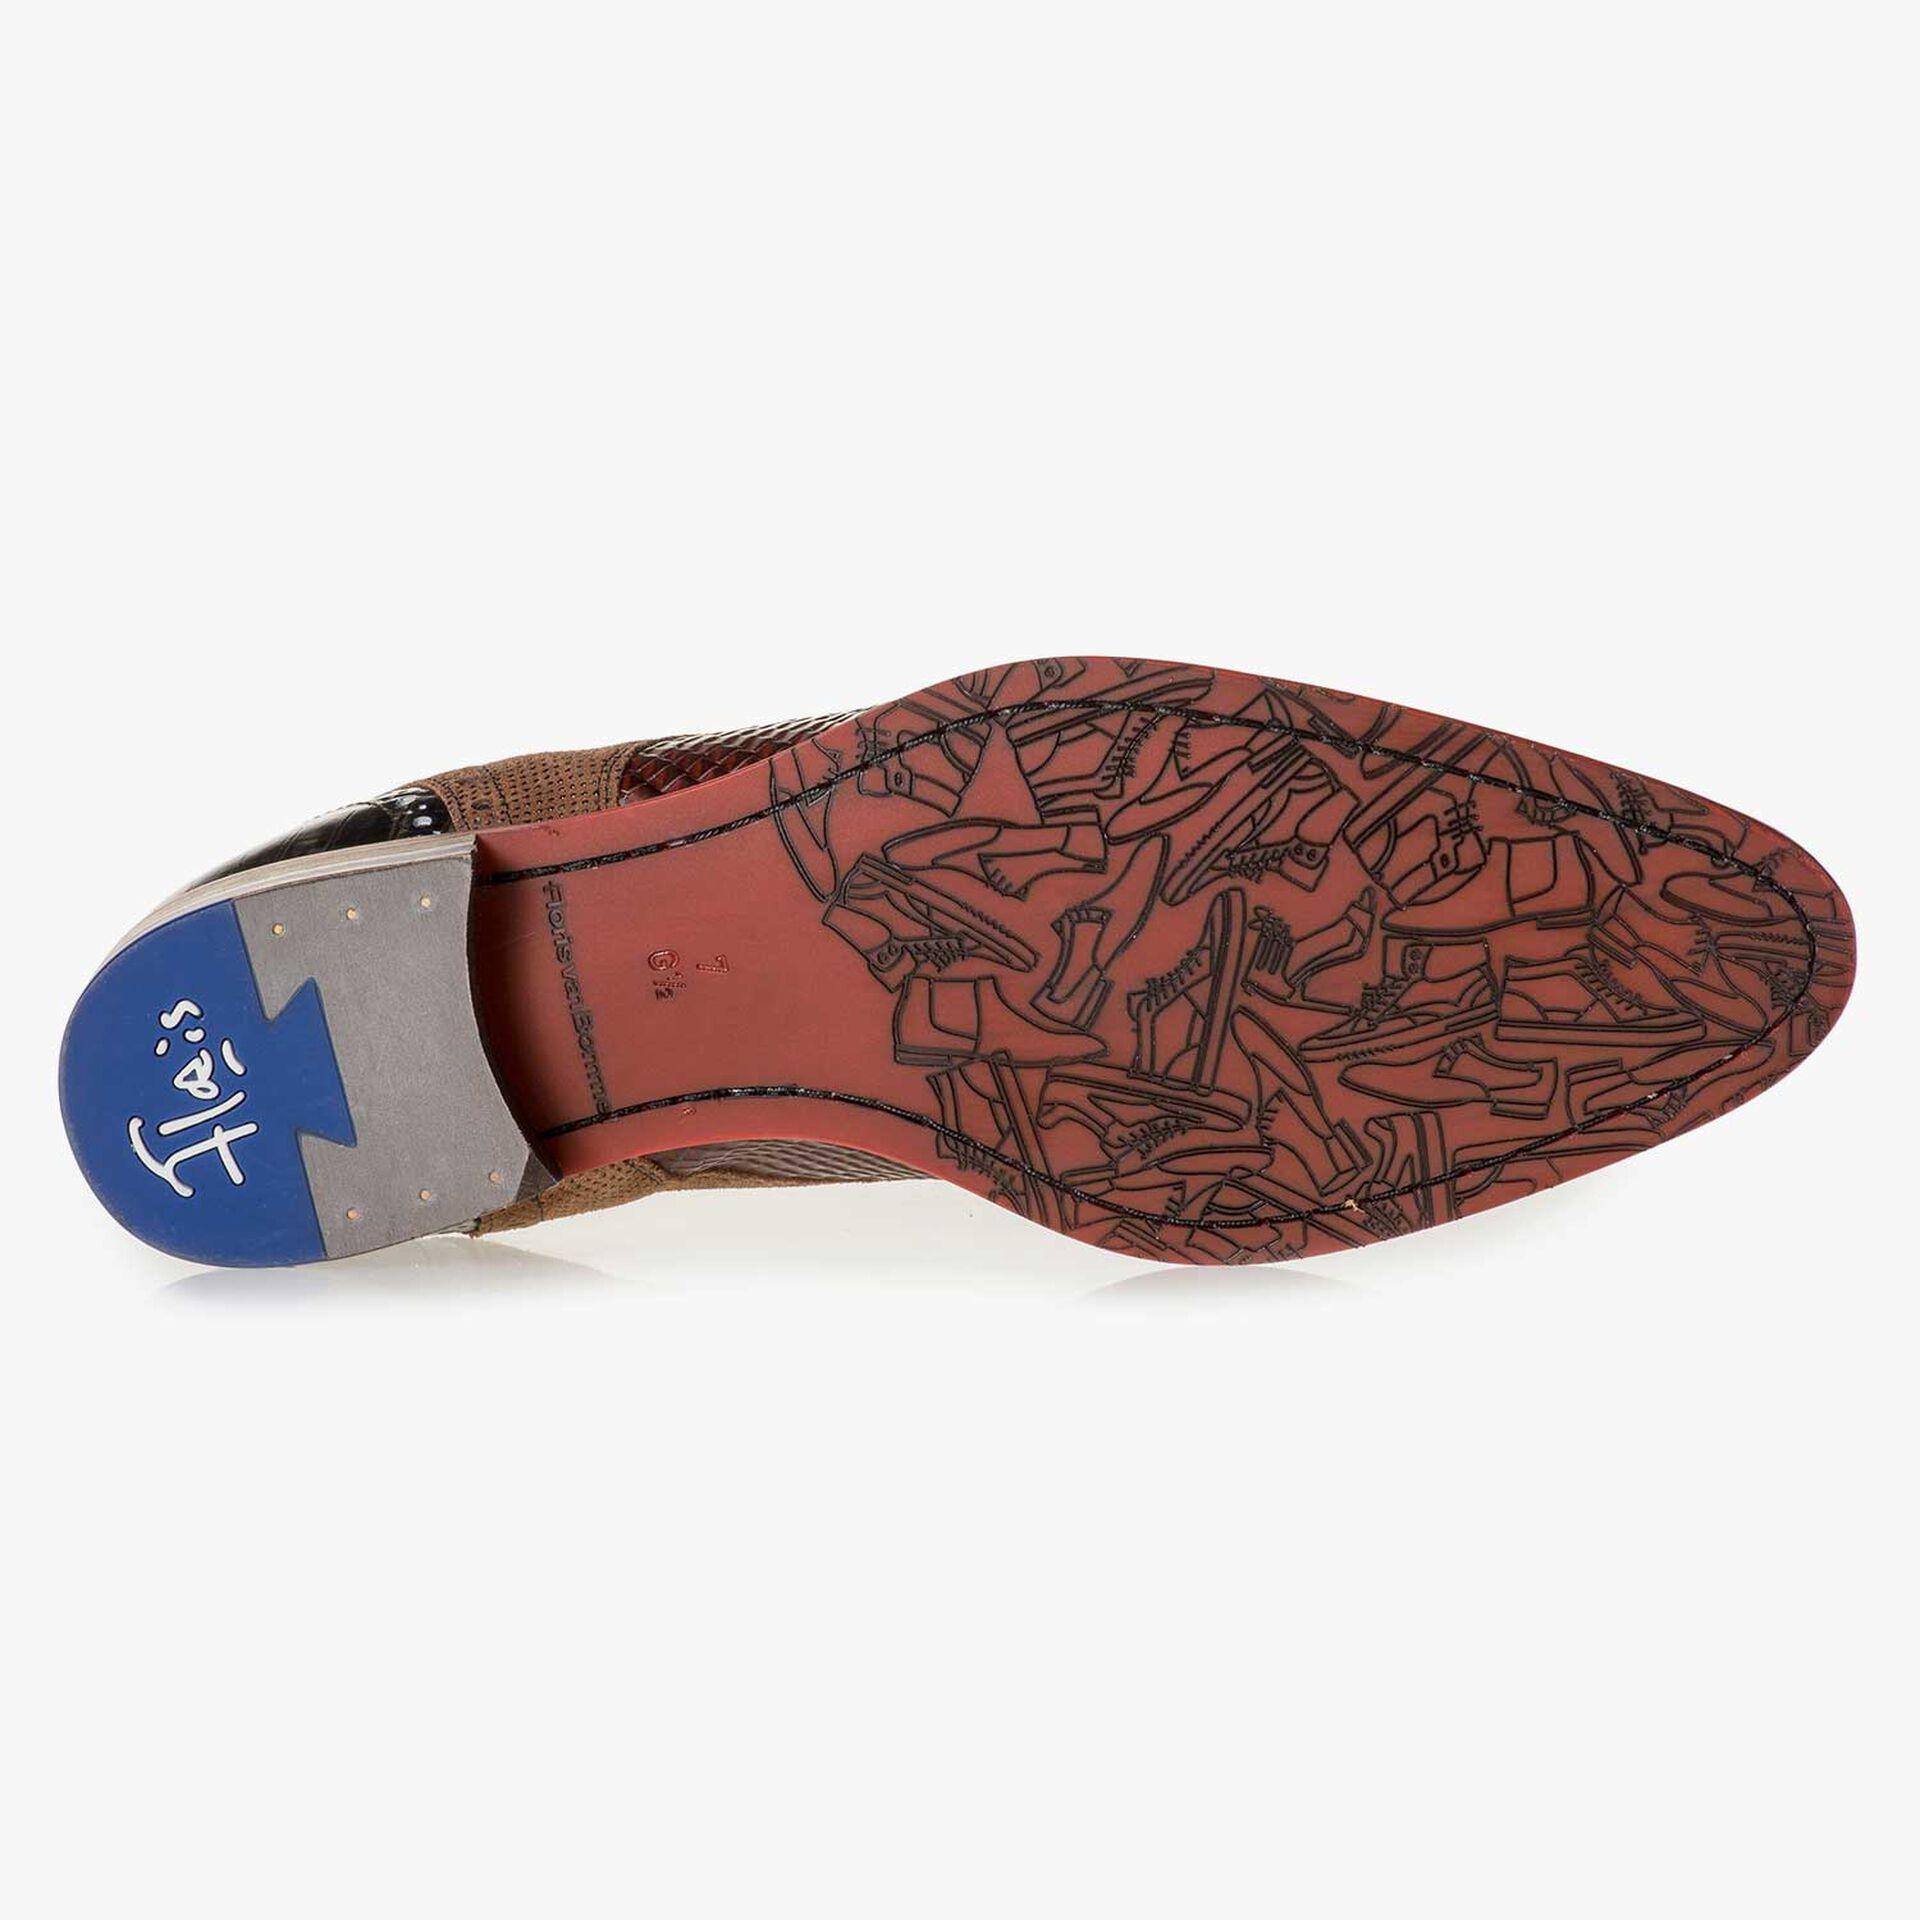 Cognacfarbener Leder-Schnürschuh mit Schlangenprint